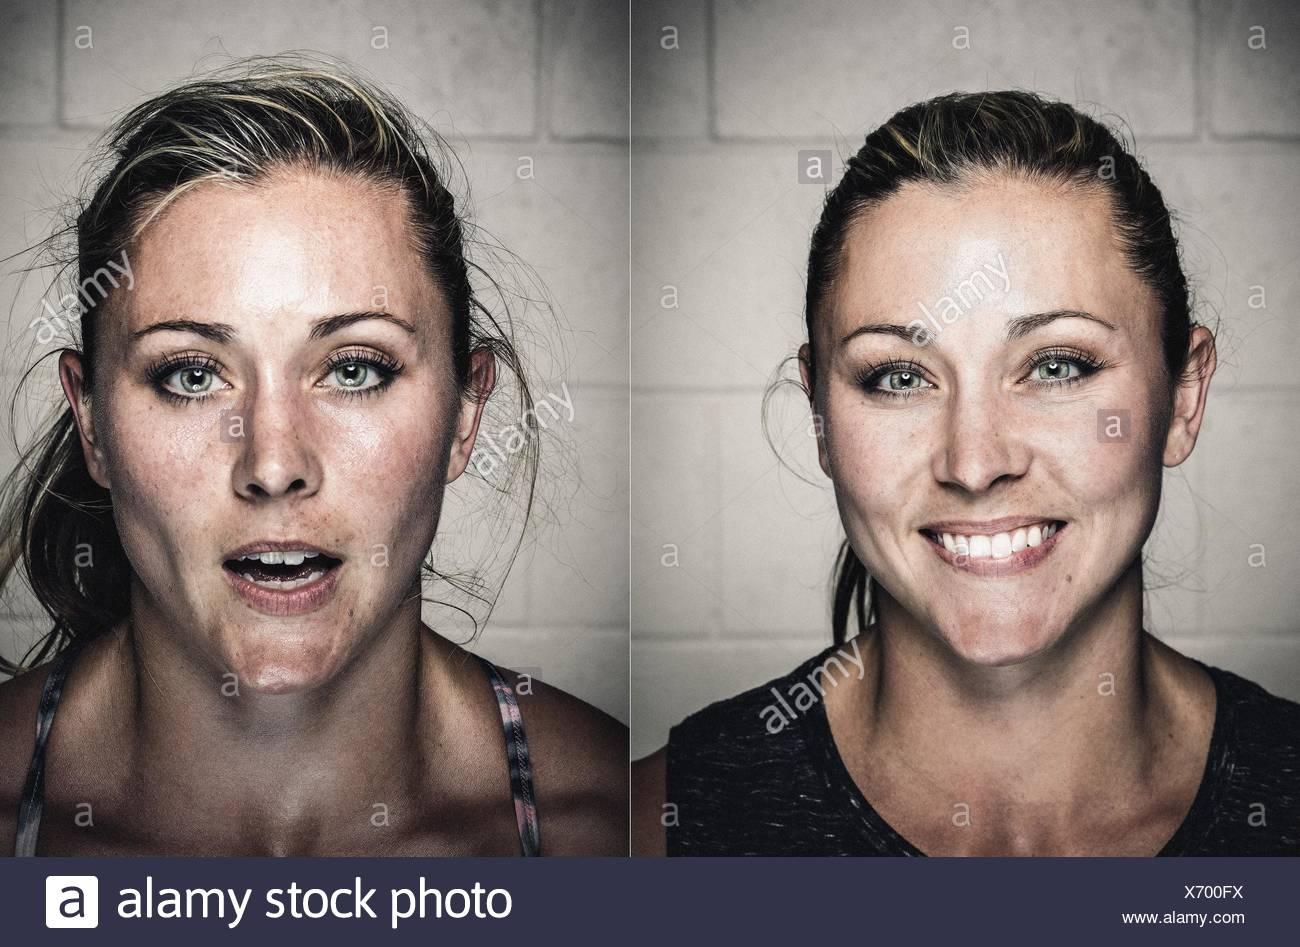 Portraits de jeune femme avant et après entraînement Photo Stock